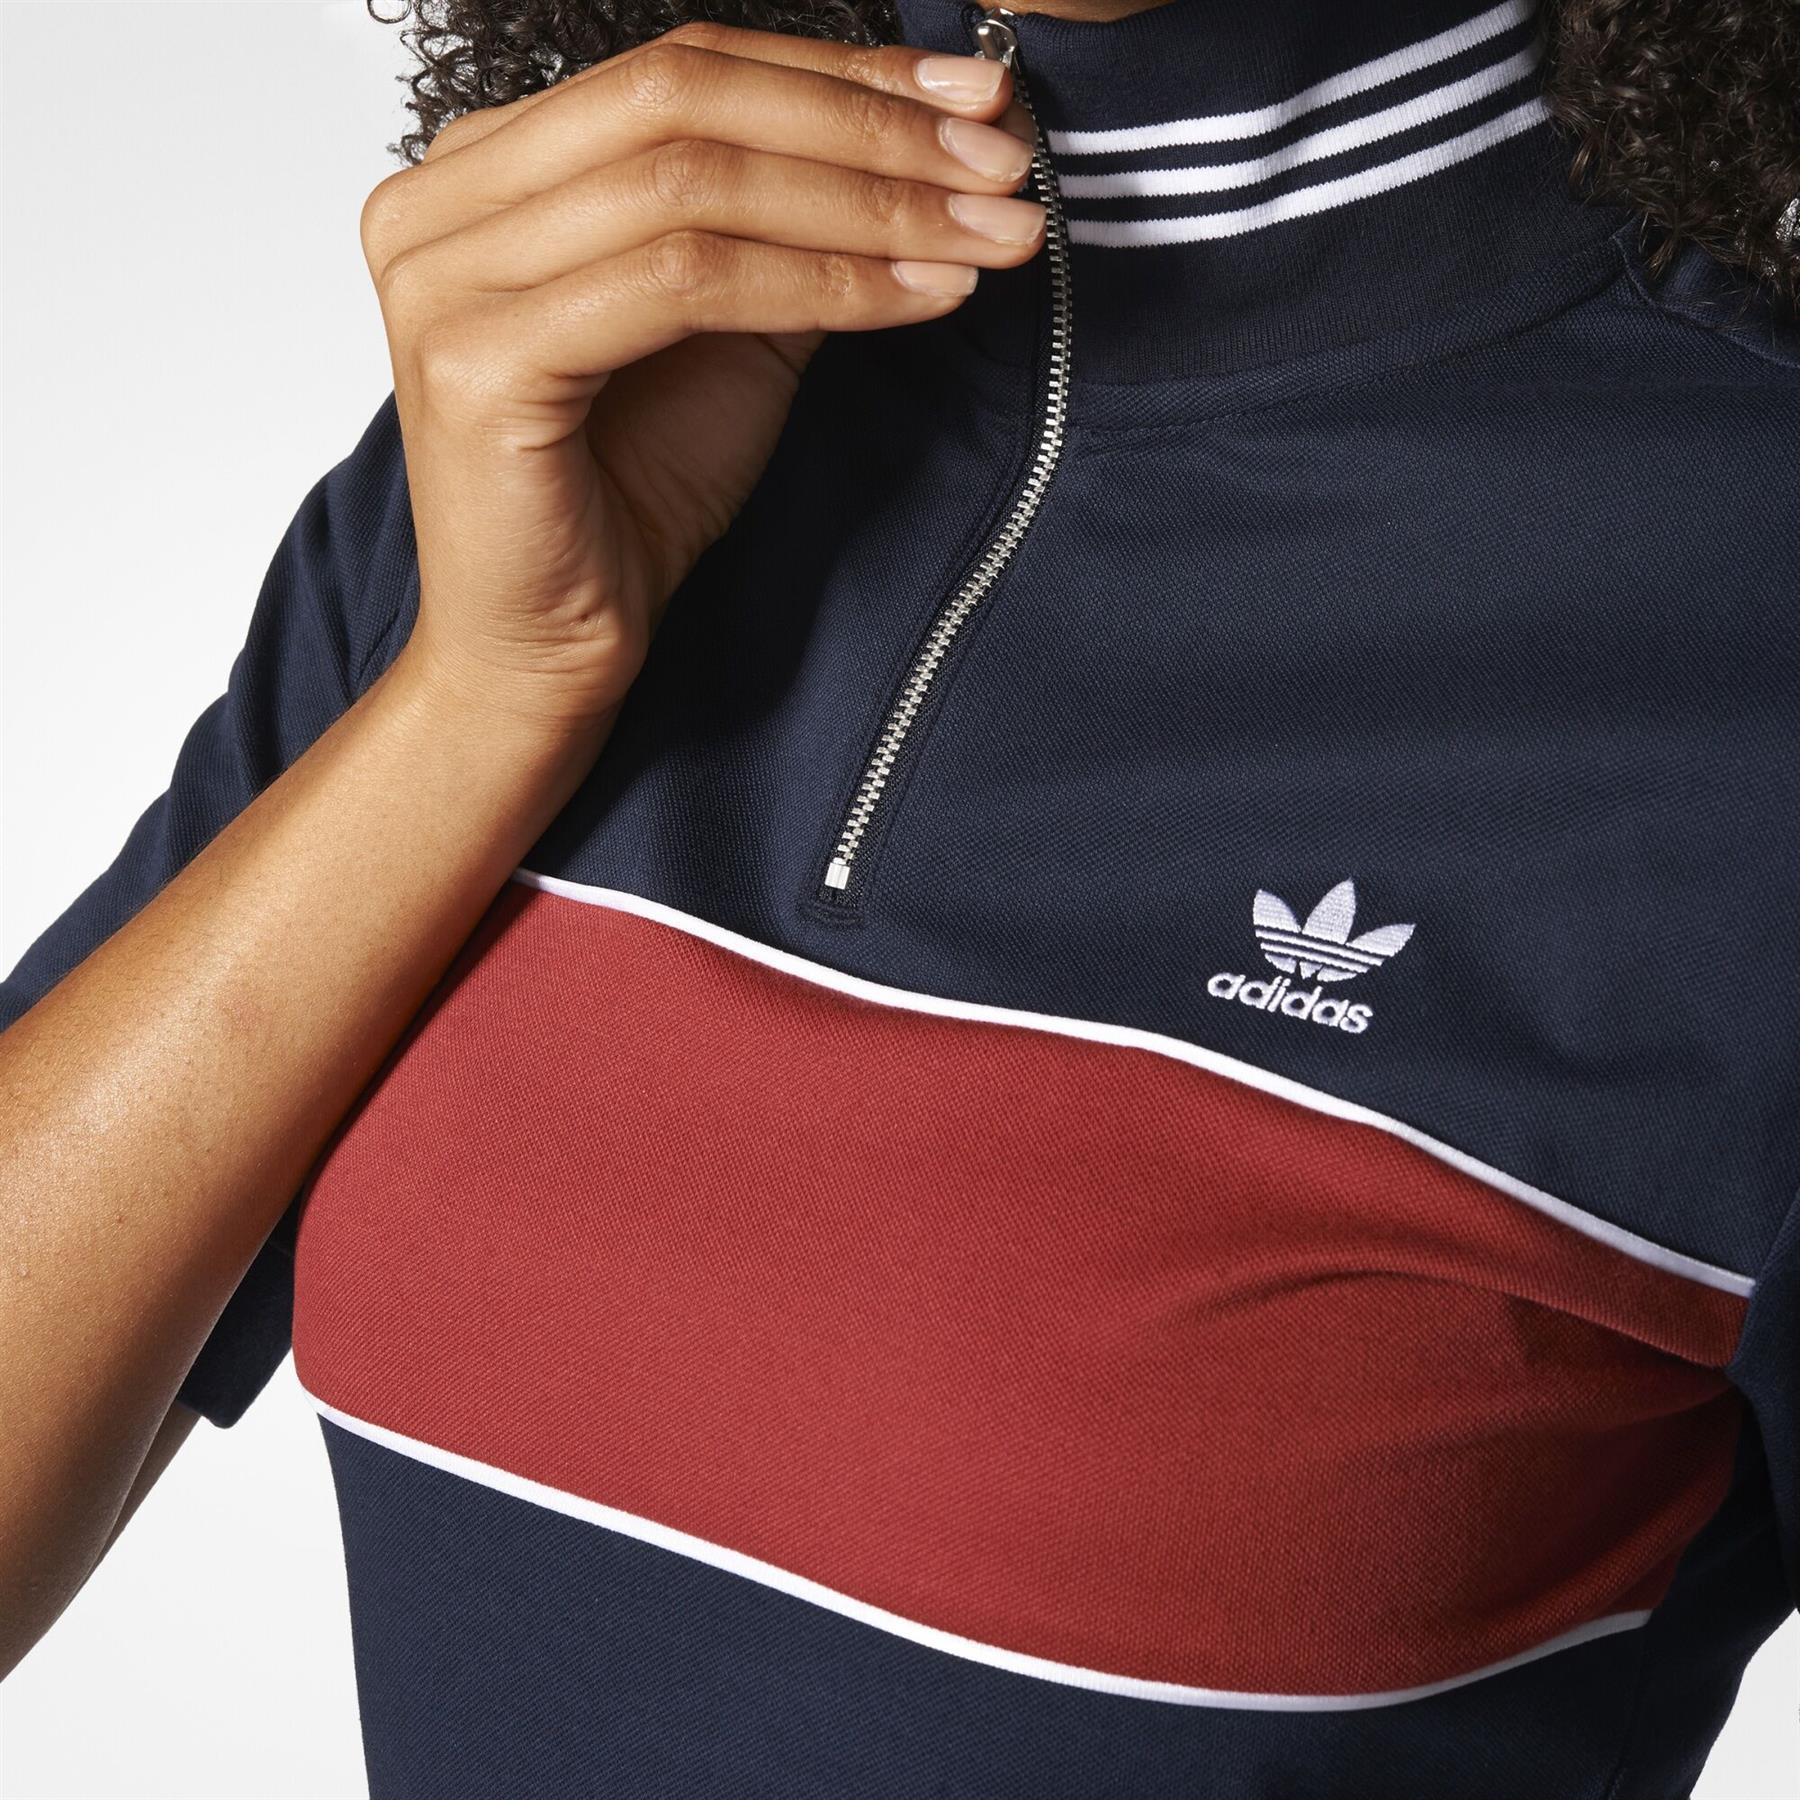 Details zu Adidas Original DAMEN Hoher Kragen Kleid Vintage Retro Zipper Navy Trefoil Top